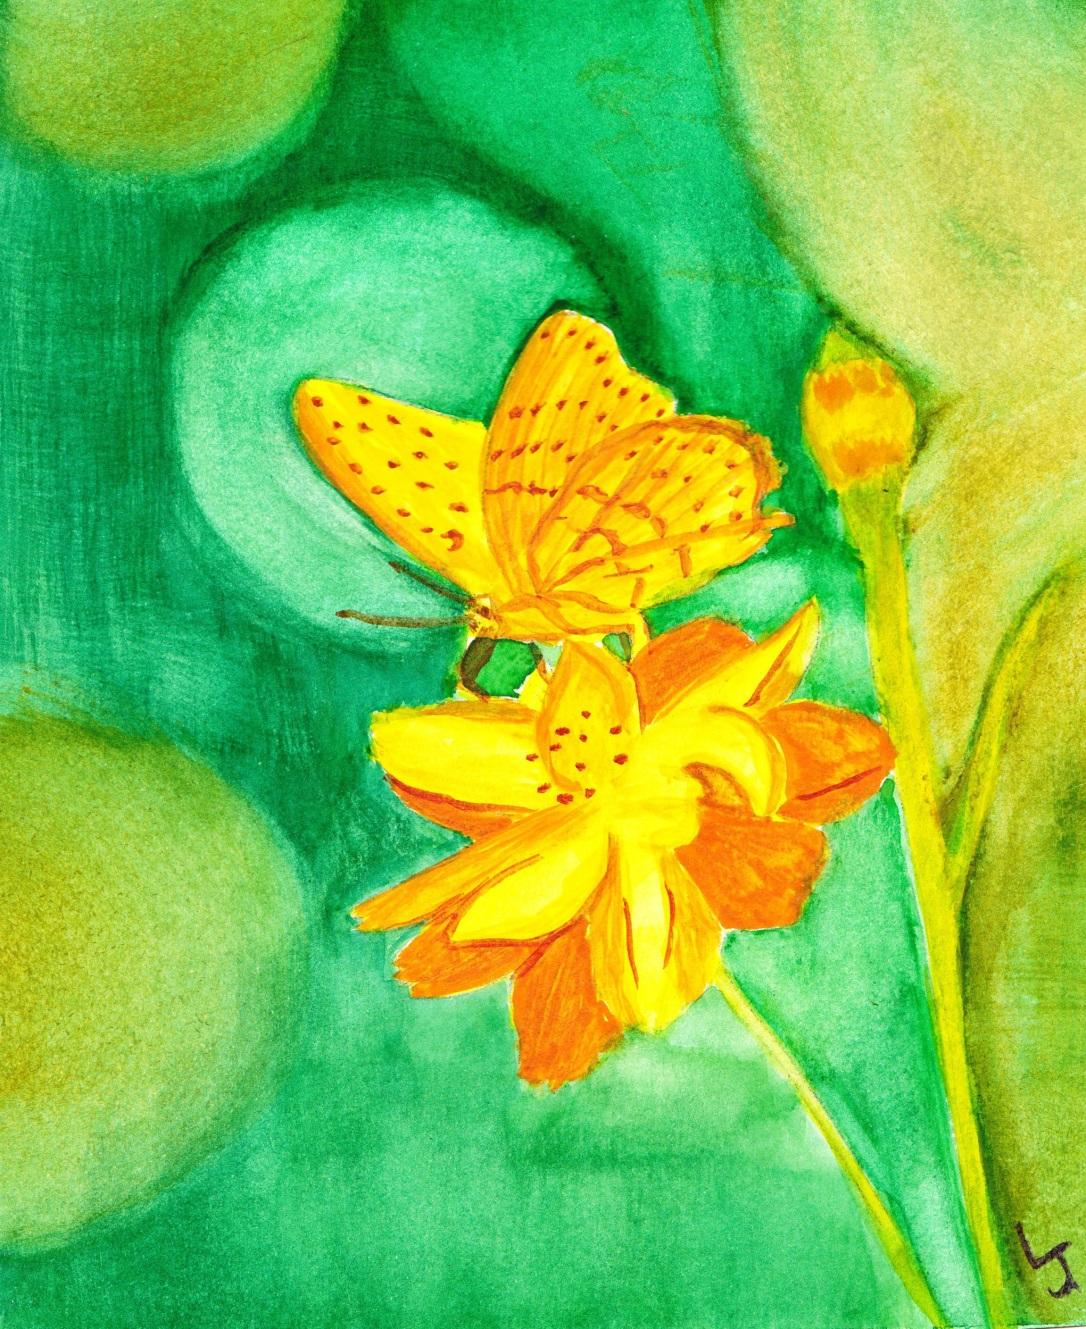 ButterflyFlower03221015